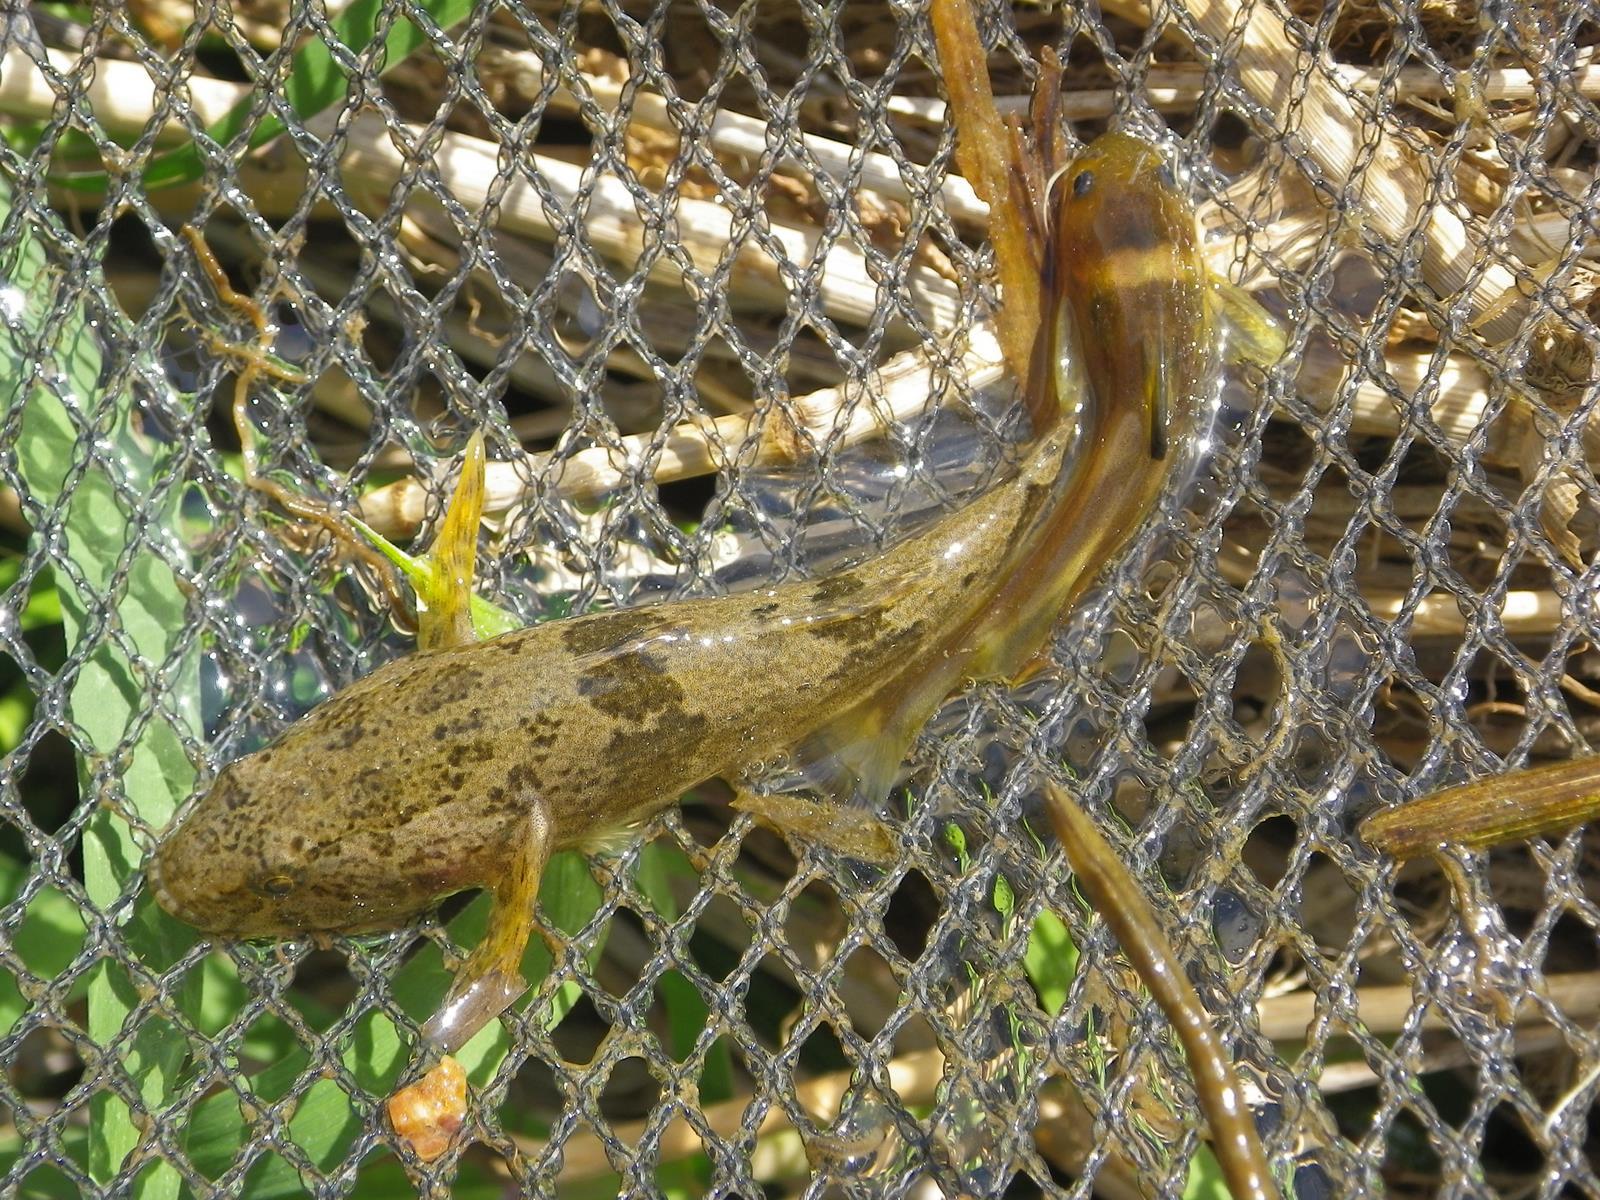 얼룩동사리(オルルクドンサリ 和名セマダラドンコ Odontobutis interrupta)